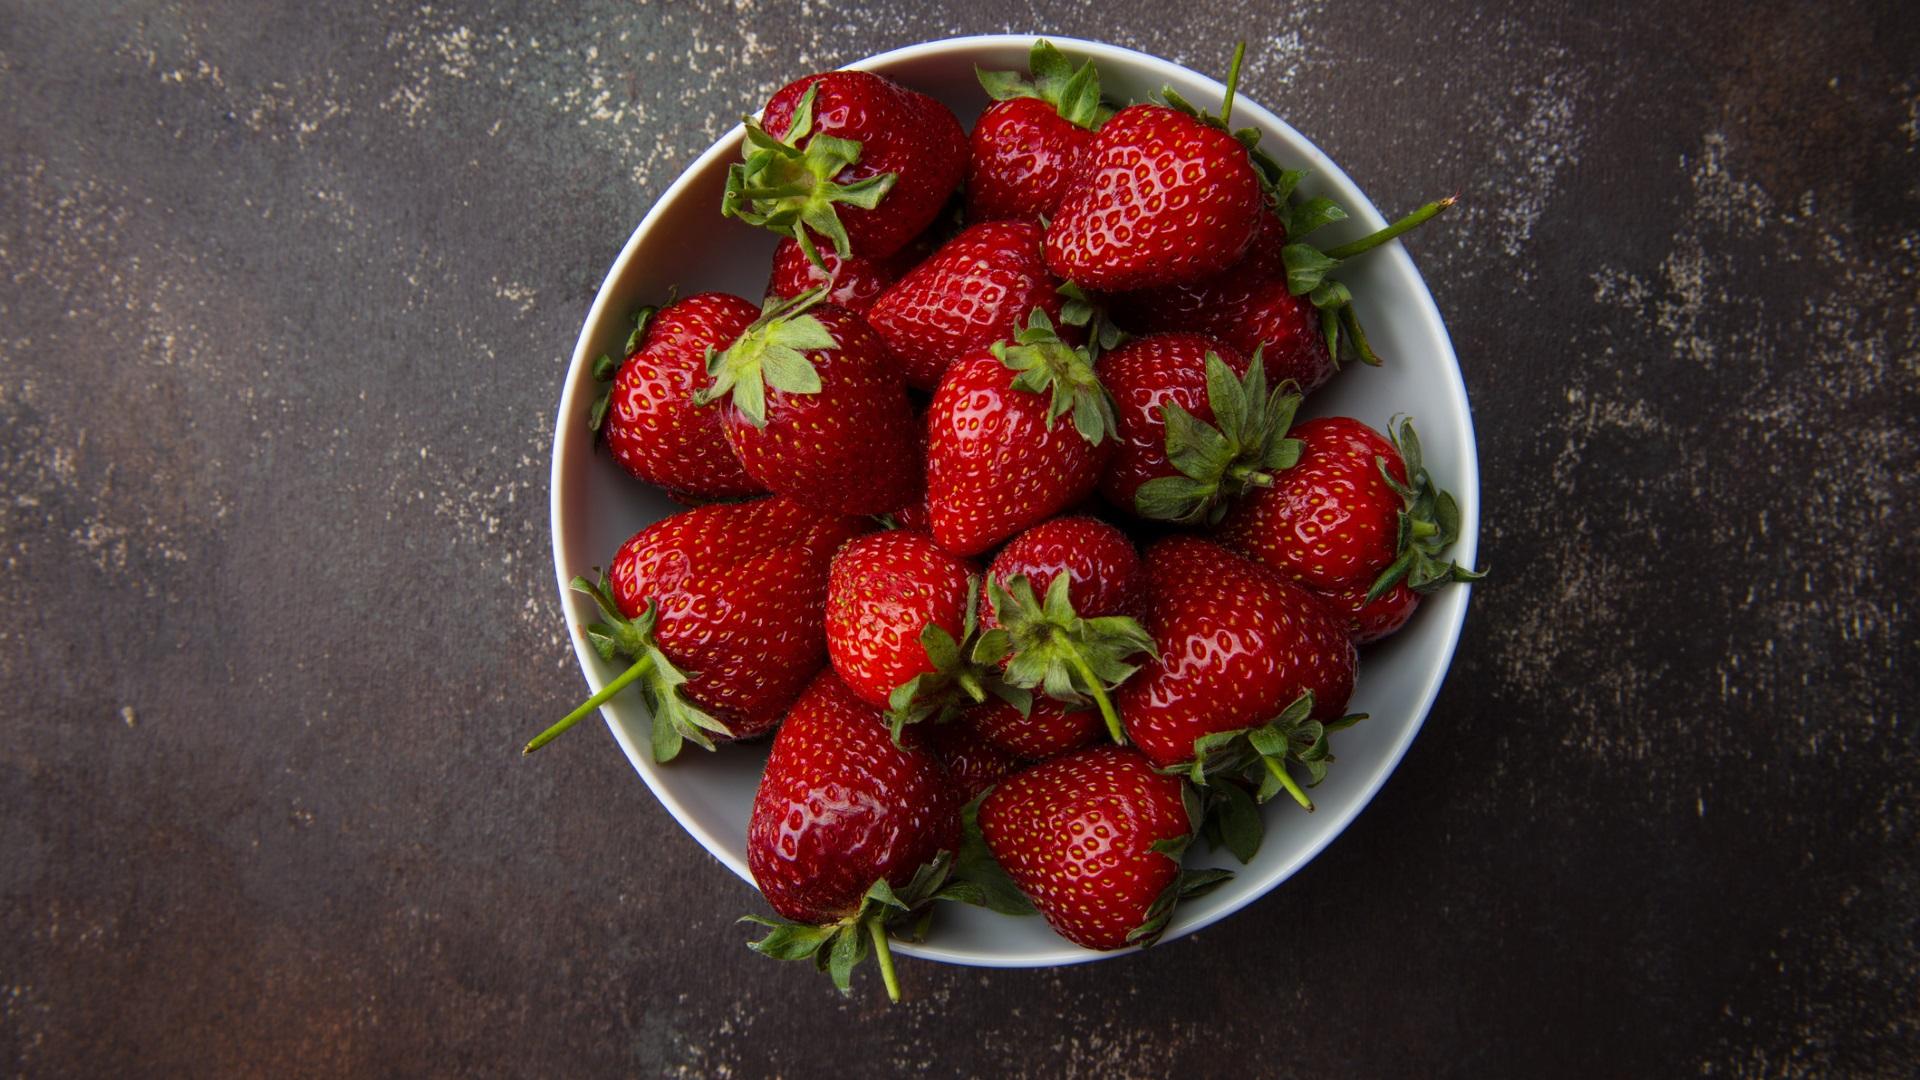 <p><strong>Ягоди</strong></p>  <p>Ягодите притежават високо съдържание на витамин С, манган, фолиева киселина и калий. В сравнение с други плодове, те имат относително нисък гликемичен индекс. Освен това са с висока антиоксидантна стойност, а консумацията им помага да се намали риска от хронично заболяване.</p>